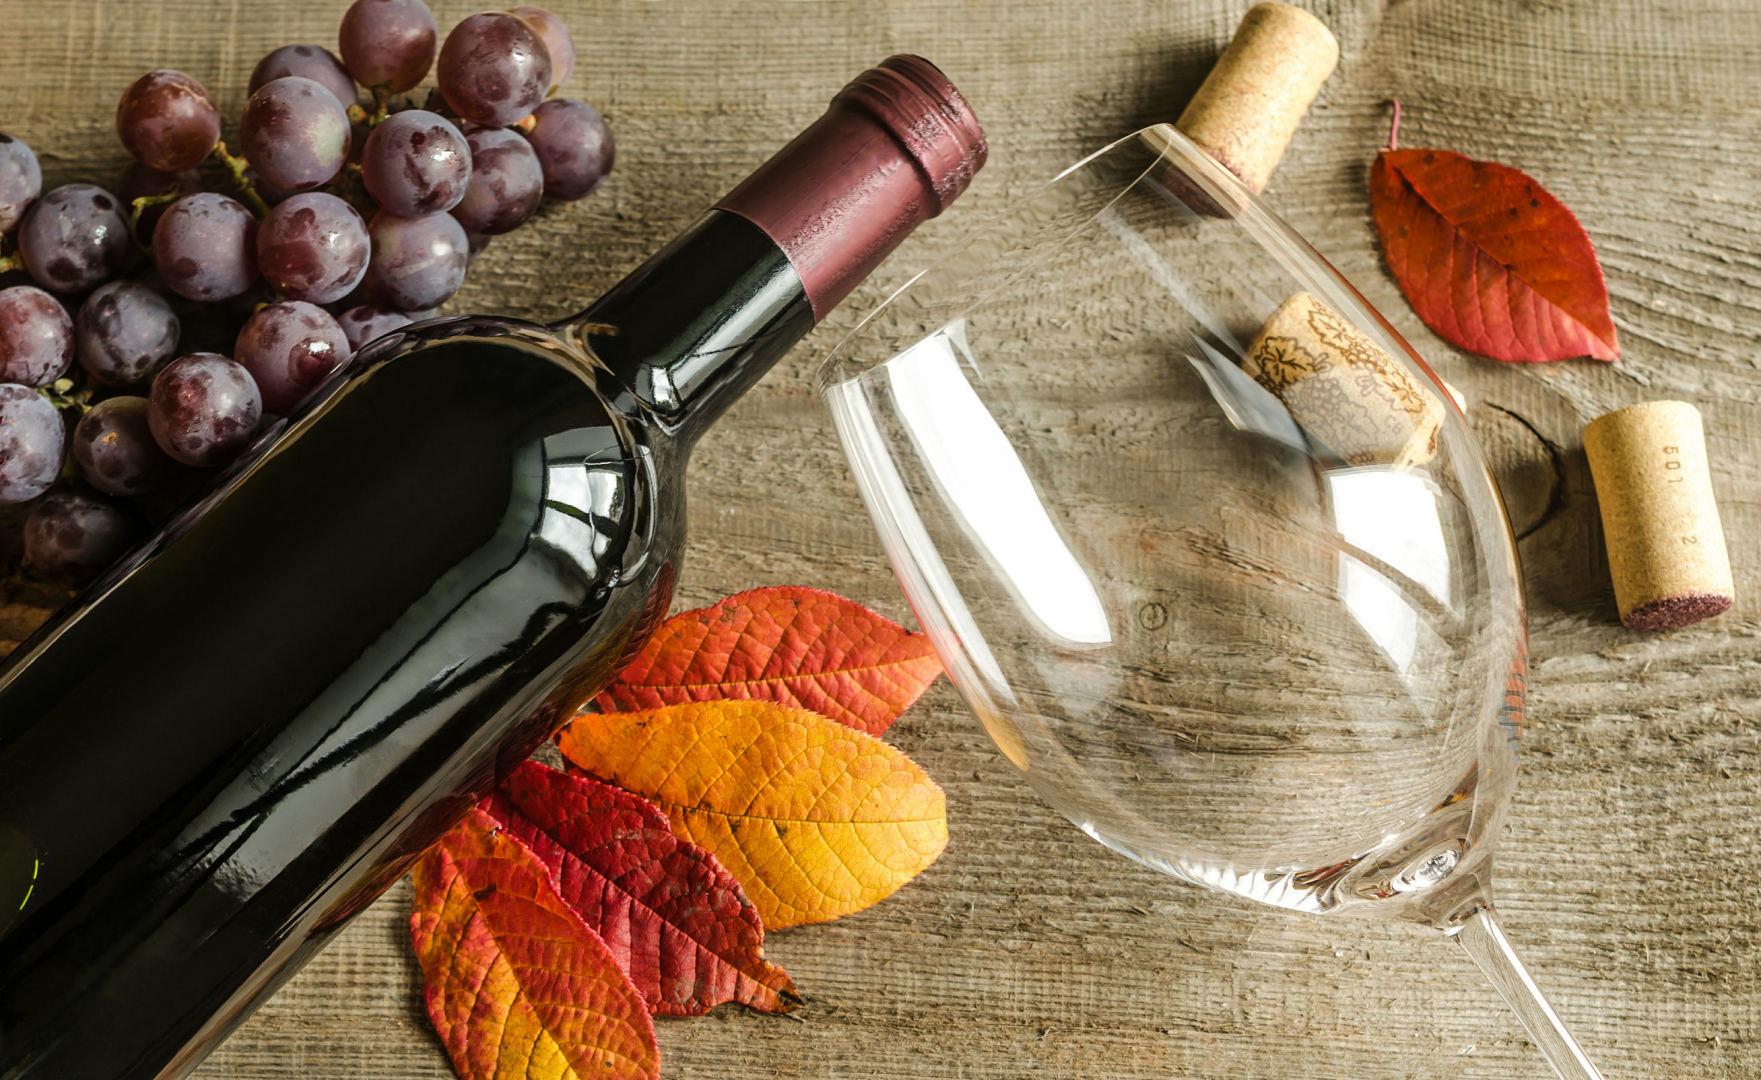 Ar geriamasis vynas tikrai geras jūsų širdžiai? - Sveikata + vaistas